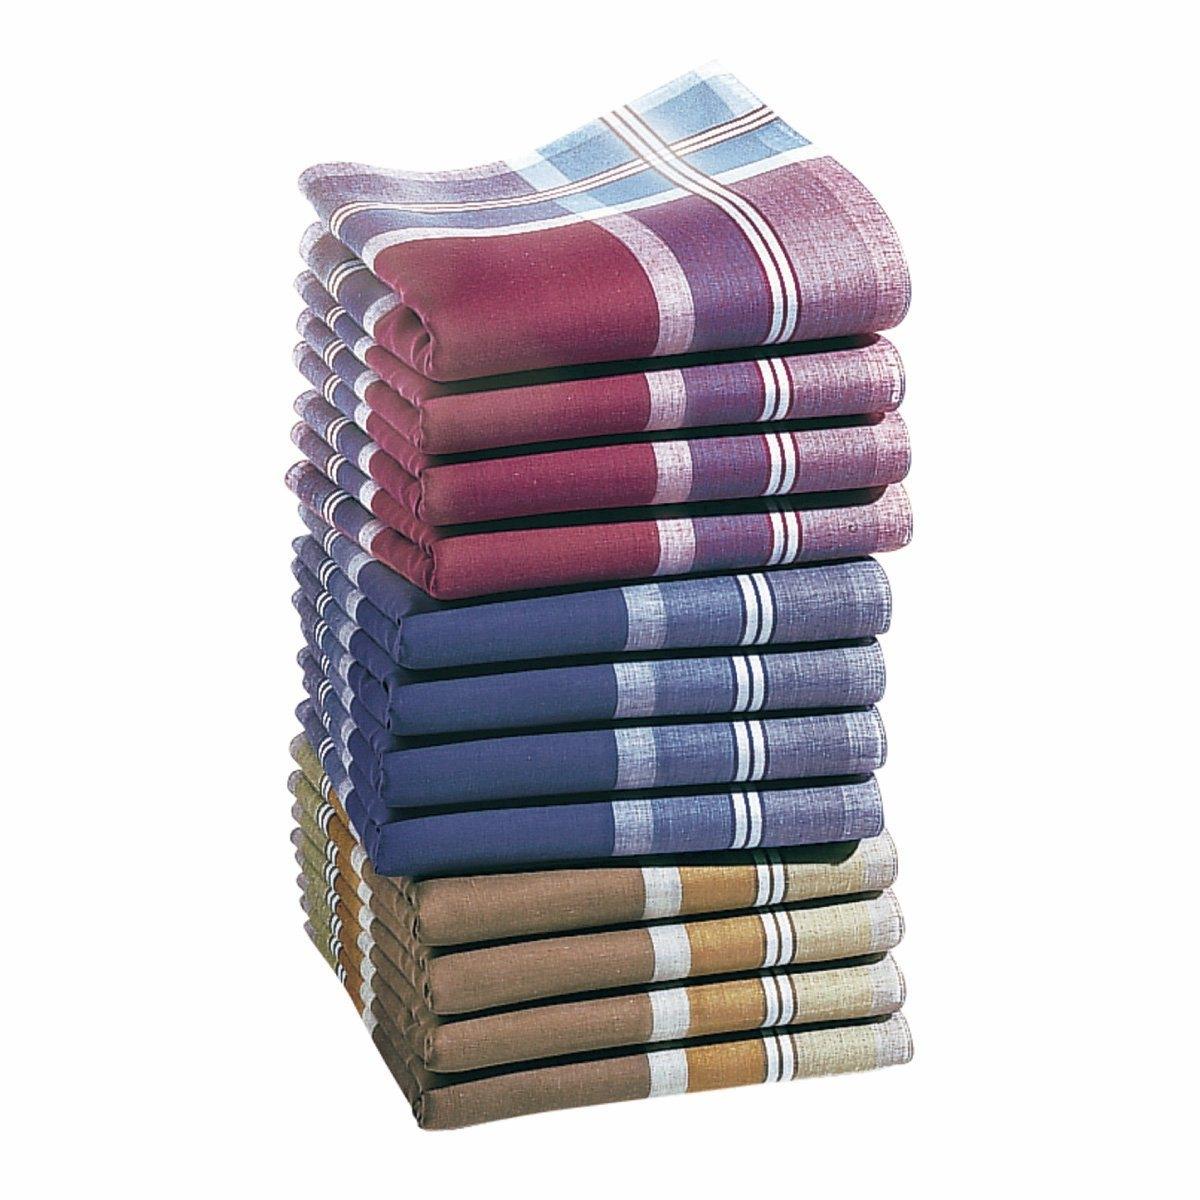 12 носовых платков12 носовых платков из 100% хлопка. Египетский хлопок отличается длинными волокнами, мягкостью и тонкостью. Цветной фон, полоски по краям. Стирка при 60°. Размер: 41 х 41 см.<br><br>Цвет: белый/красный/серо-коричневый